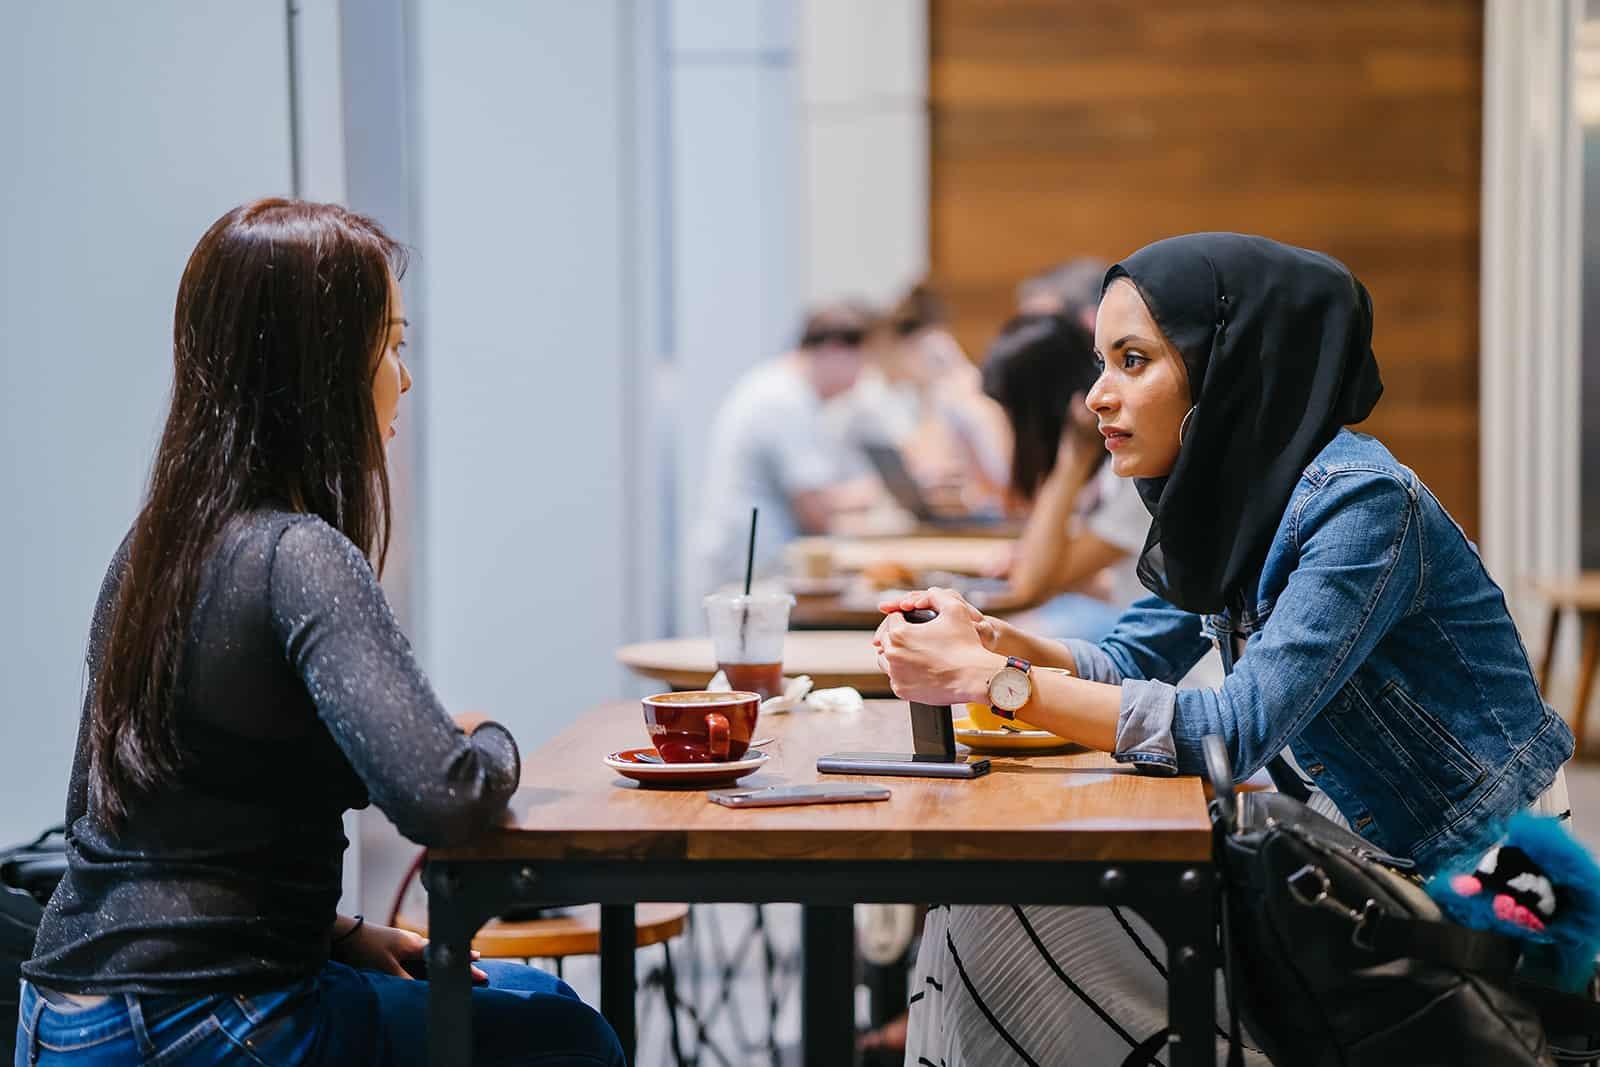 zwei Freundinnen, die sich im Café ernsthaft unterhalten